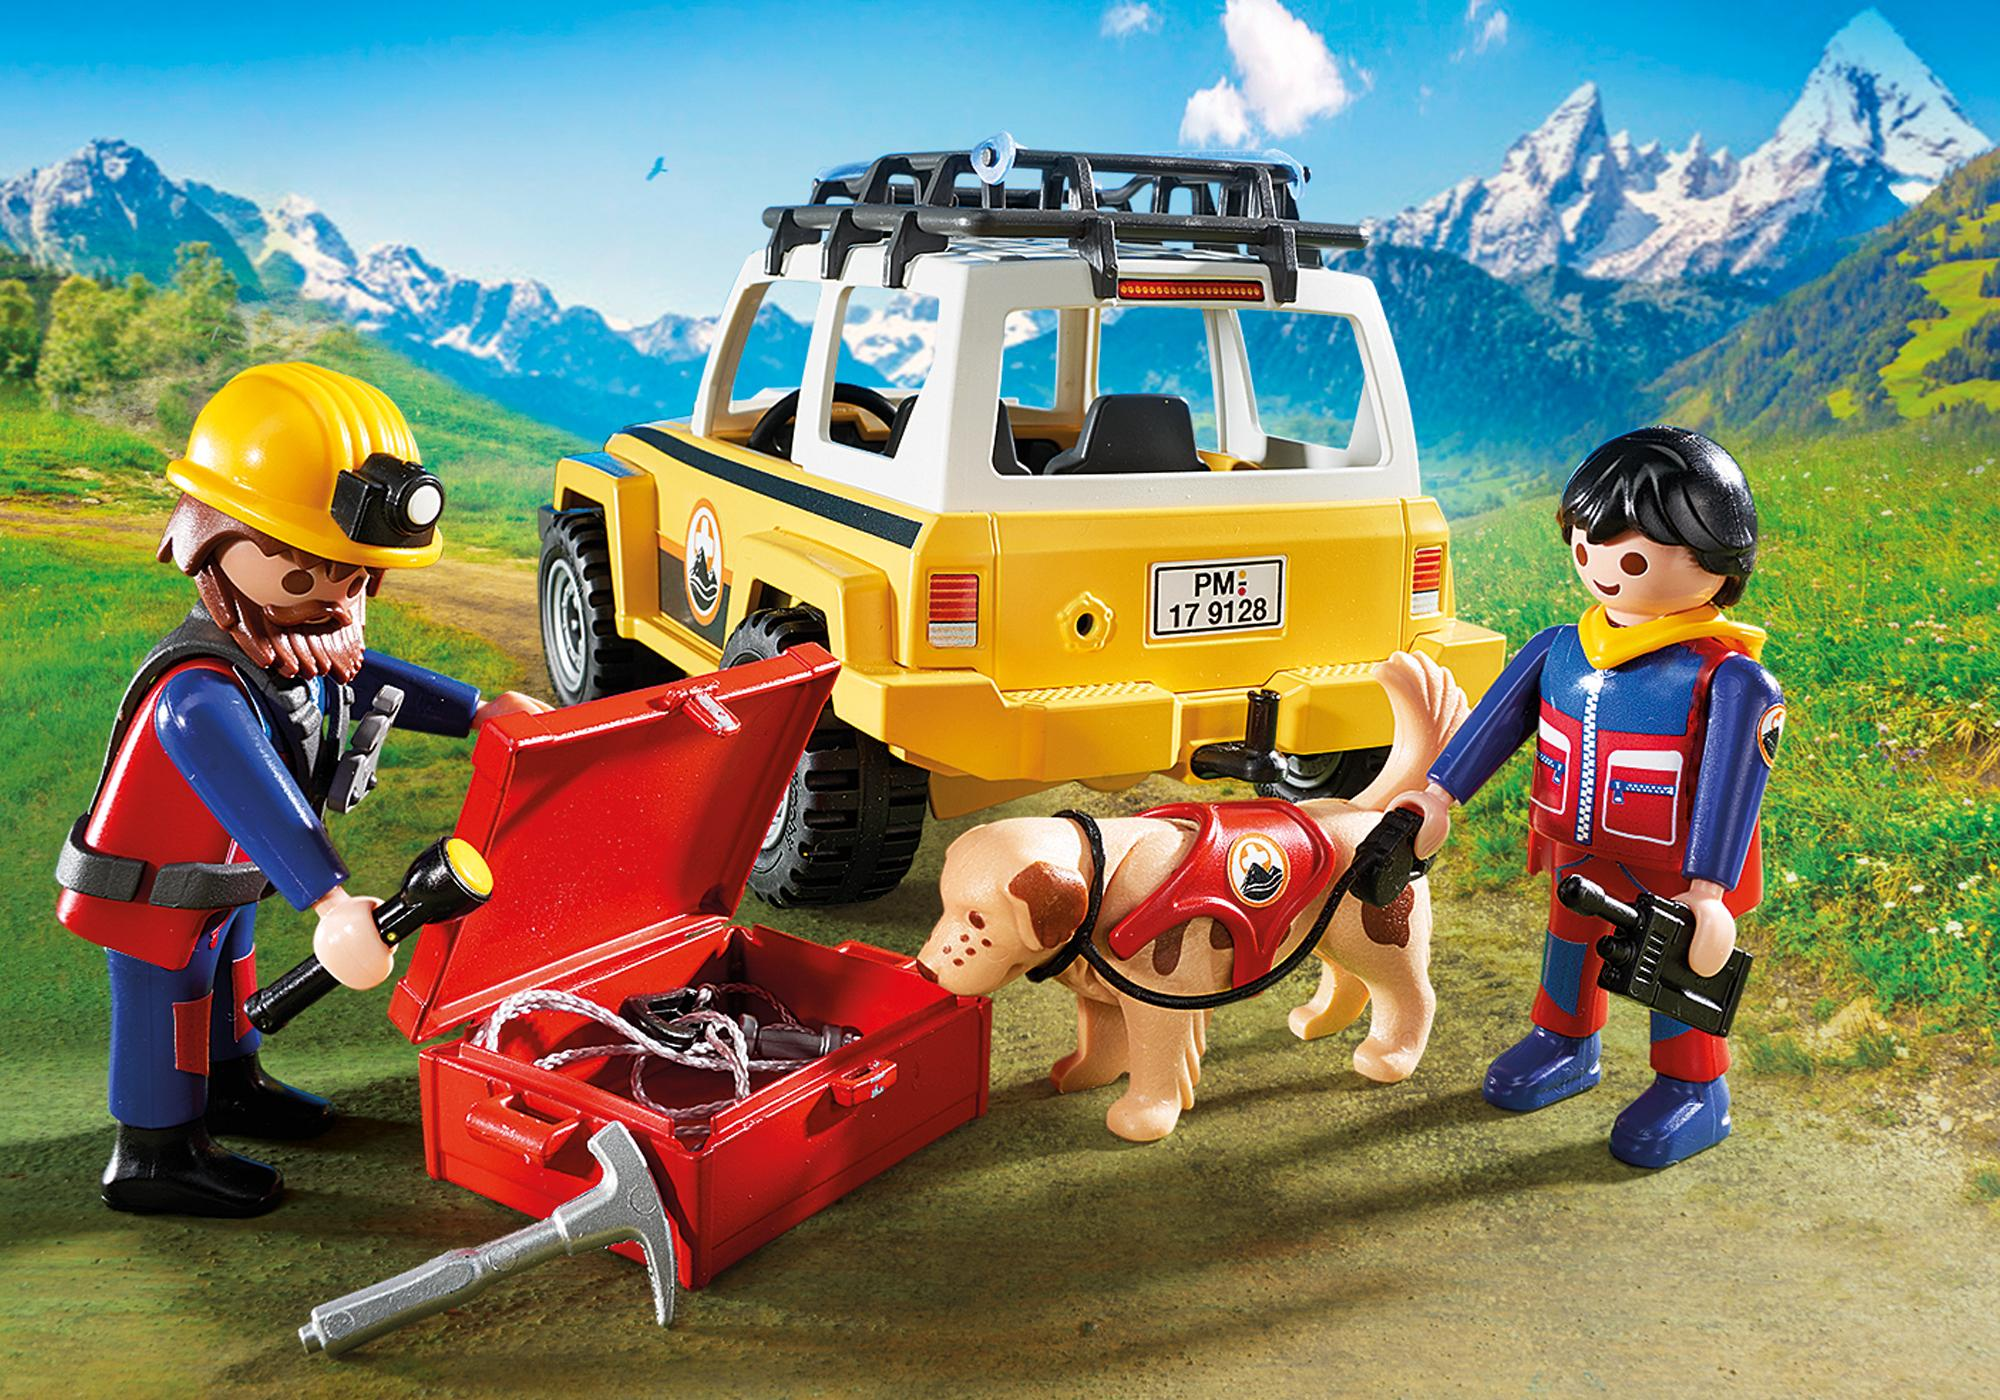 http://media.playmobil.com/i/playmobil/9128_product_extra1/Secouristes des montagnes avec véhicule